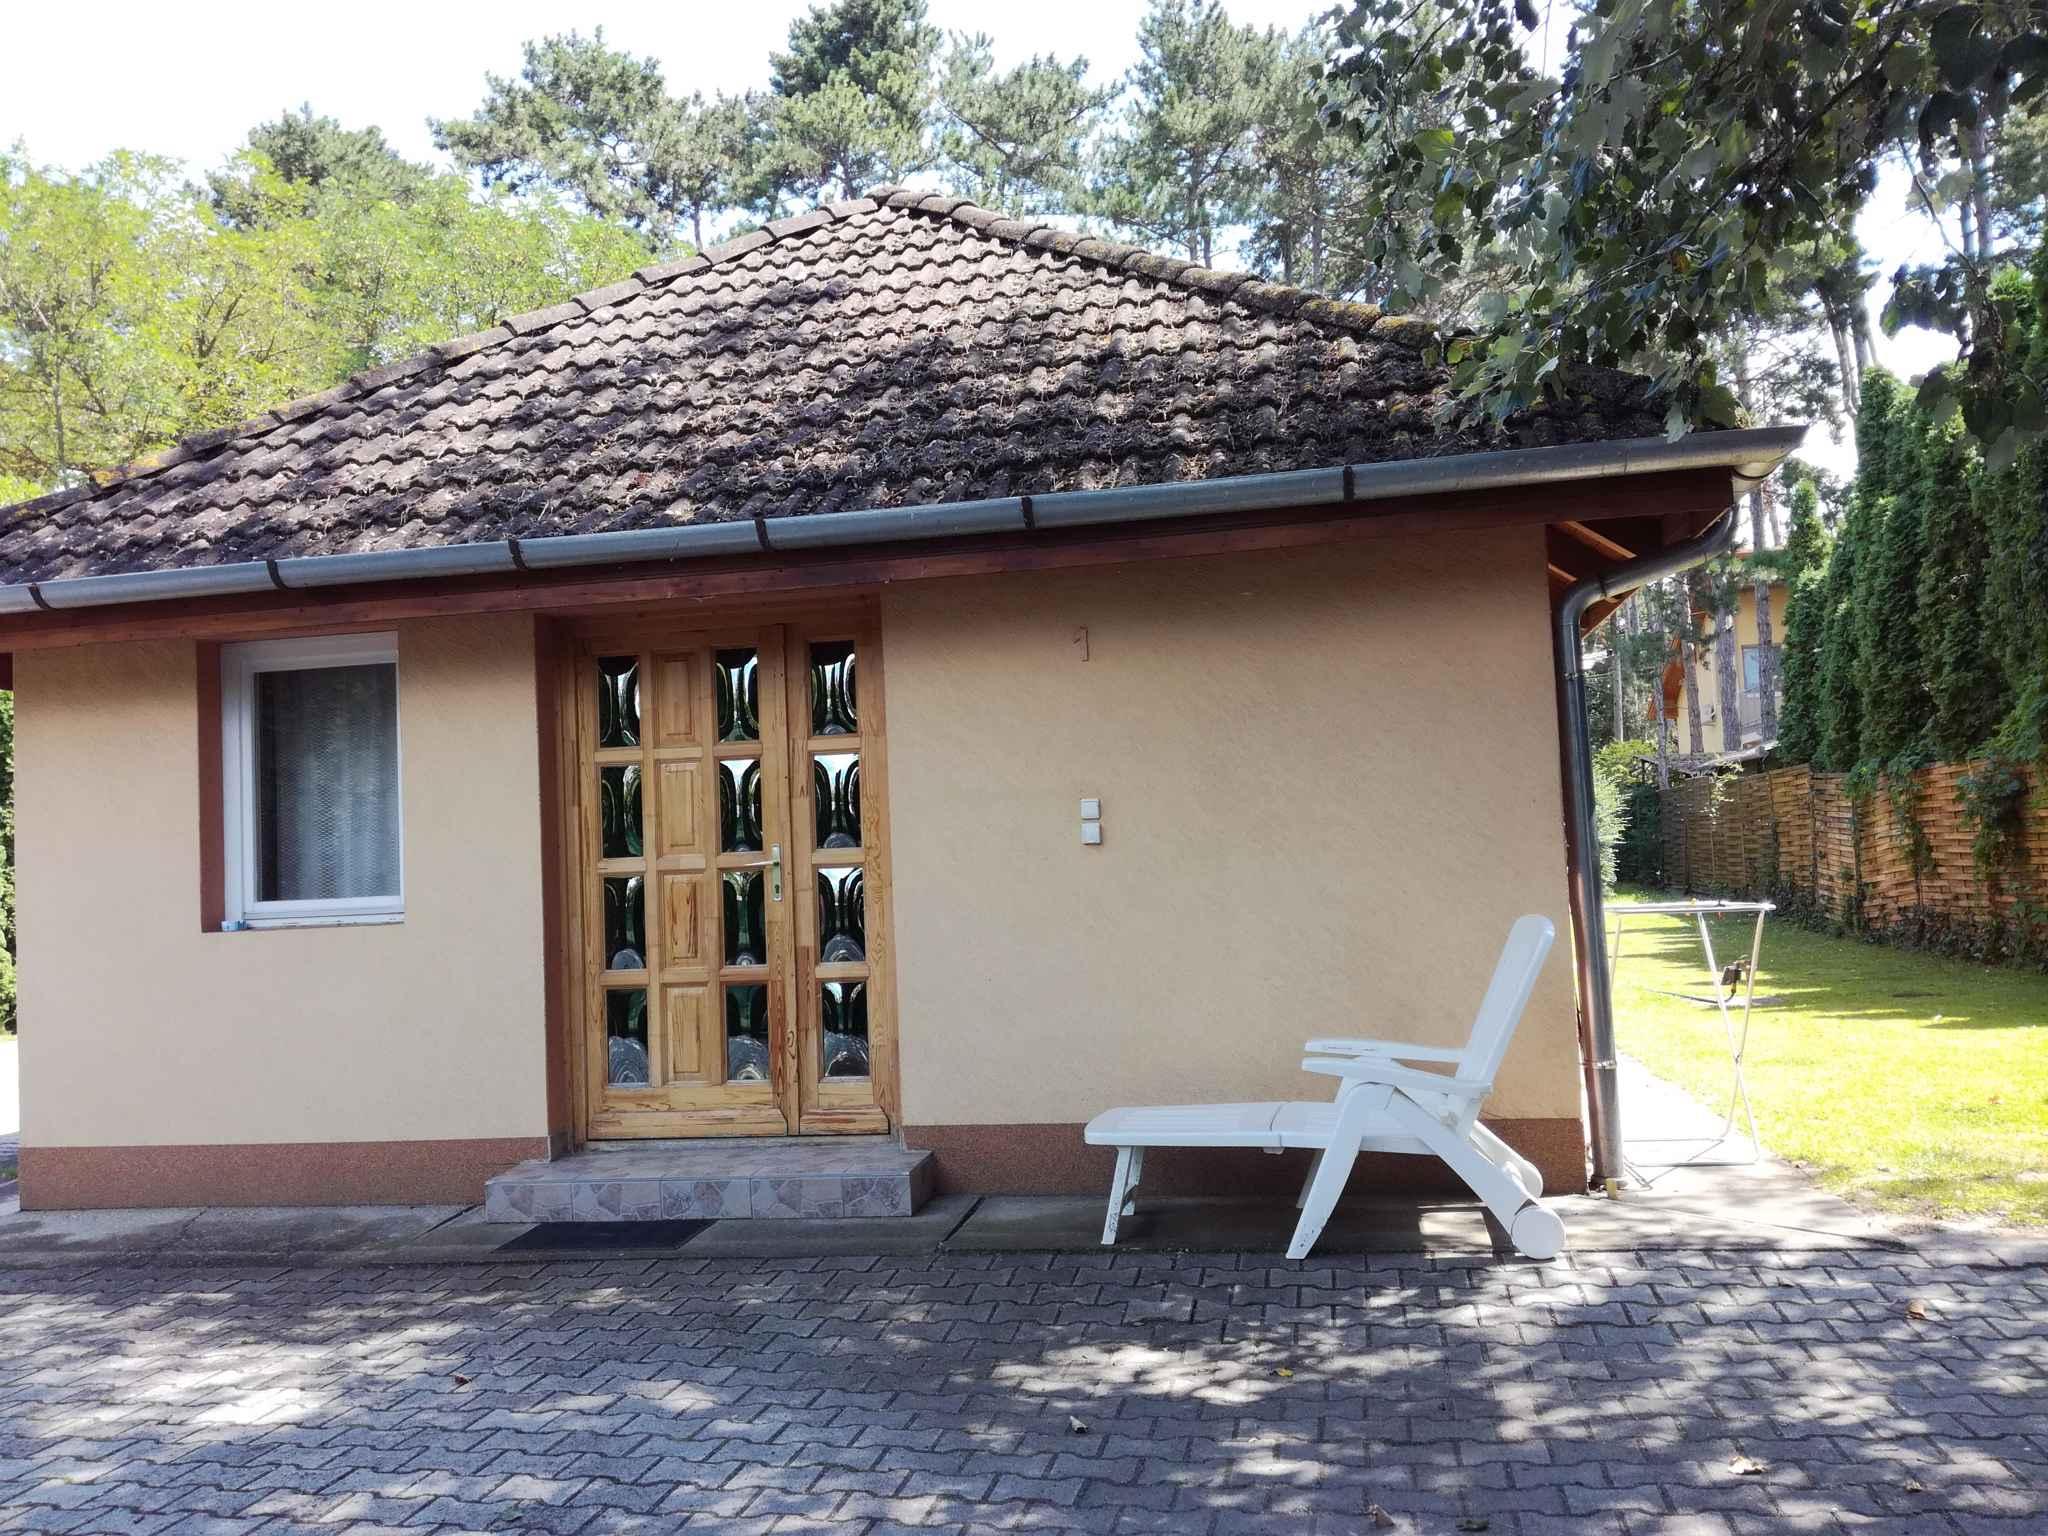 Ferienwohnung mit Gartenpavillon und Grill